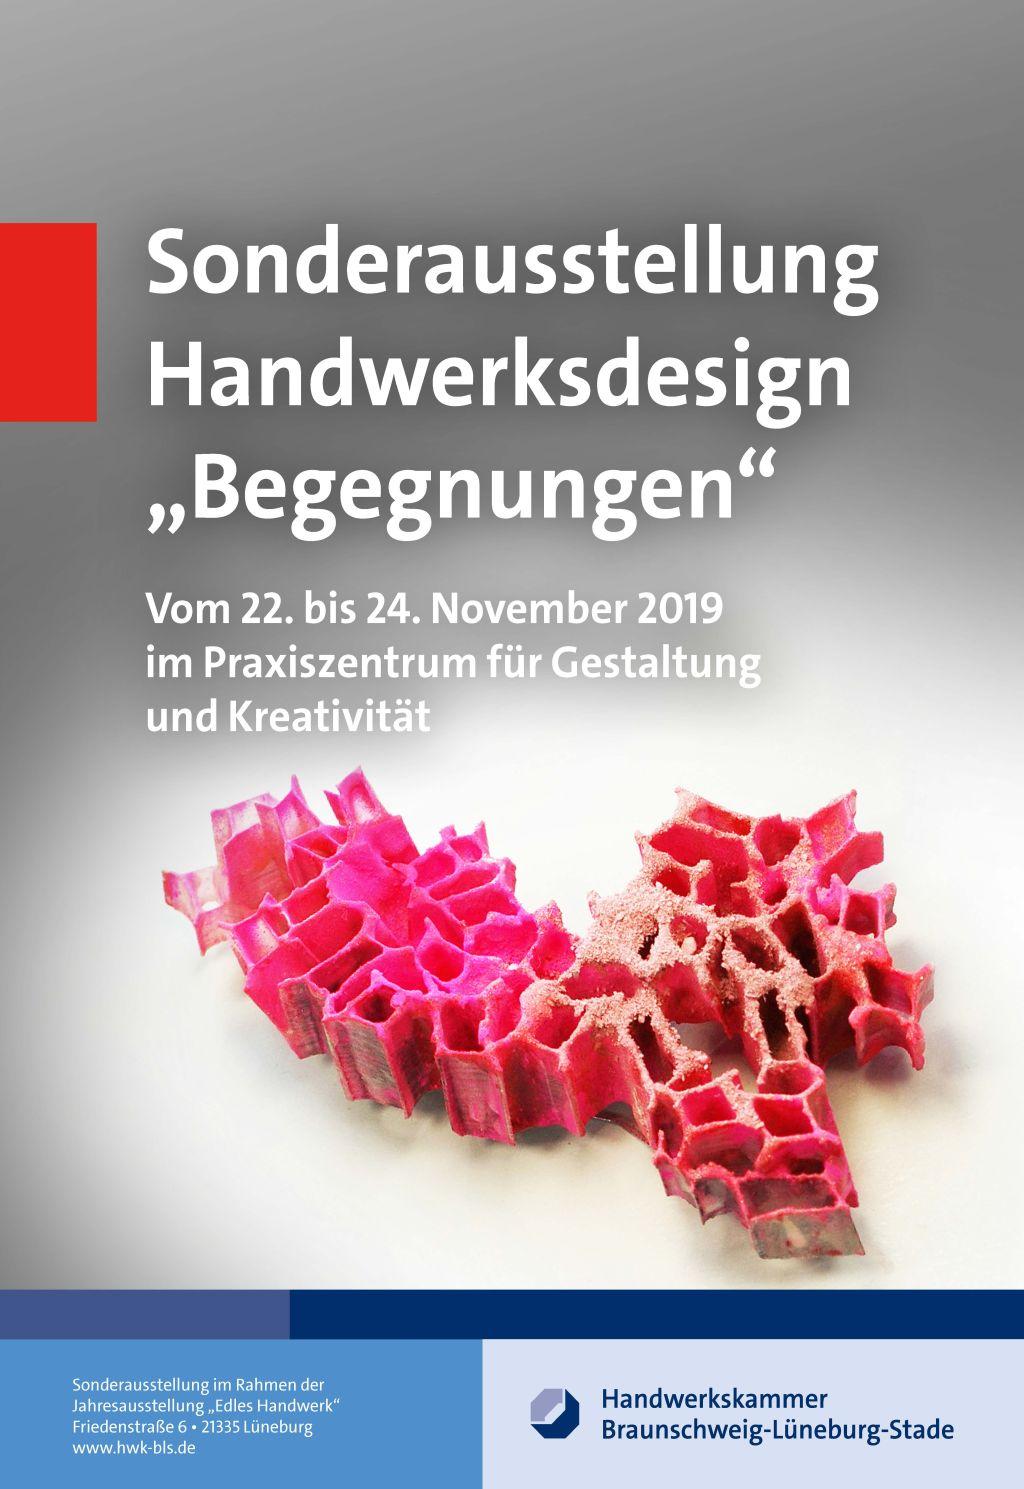 Sonderausstellung 2019 Begegnungen - Plakat Front